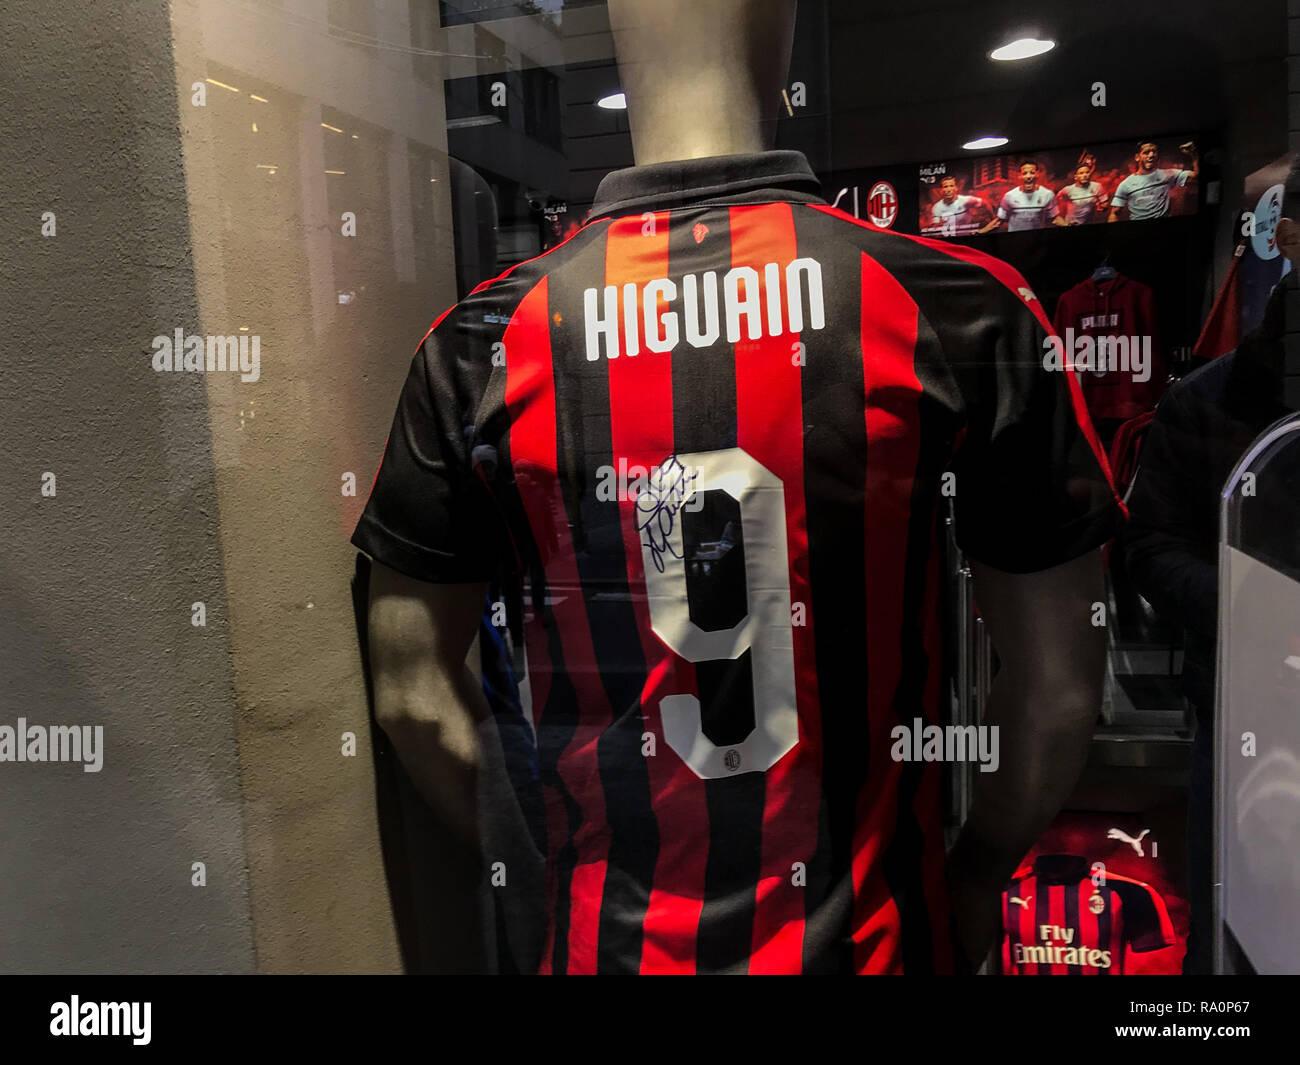 La camiseta de Ronaldo y Gonzalo Higuain se muestran en una tienda de fútbol  en Milán 91d34eec58364